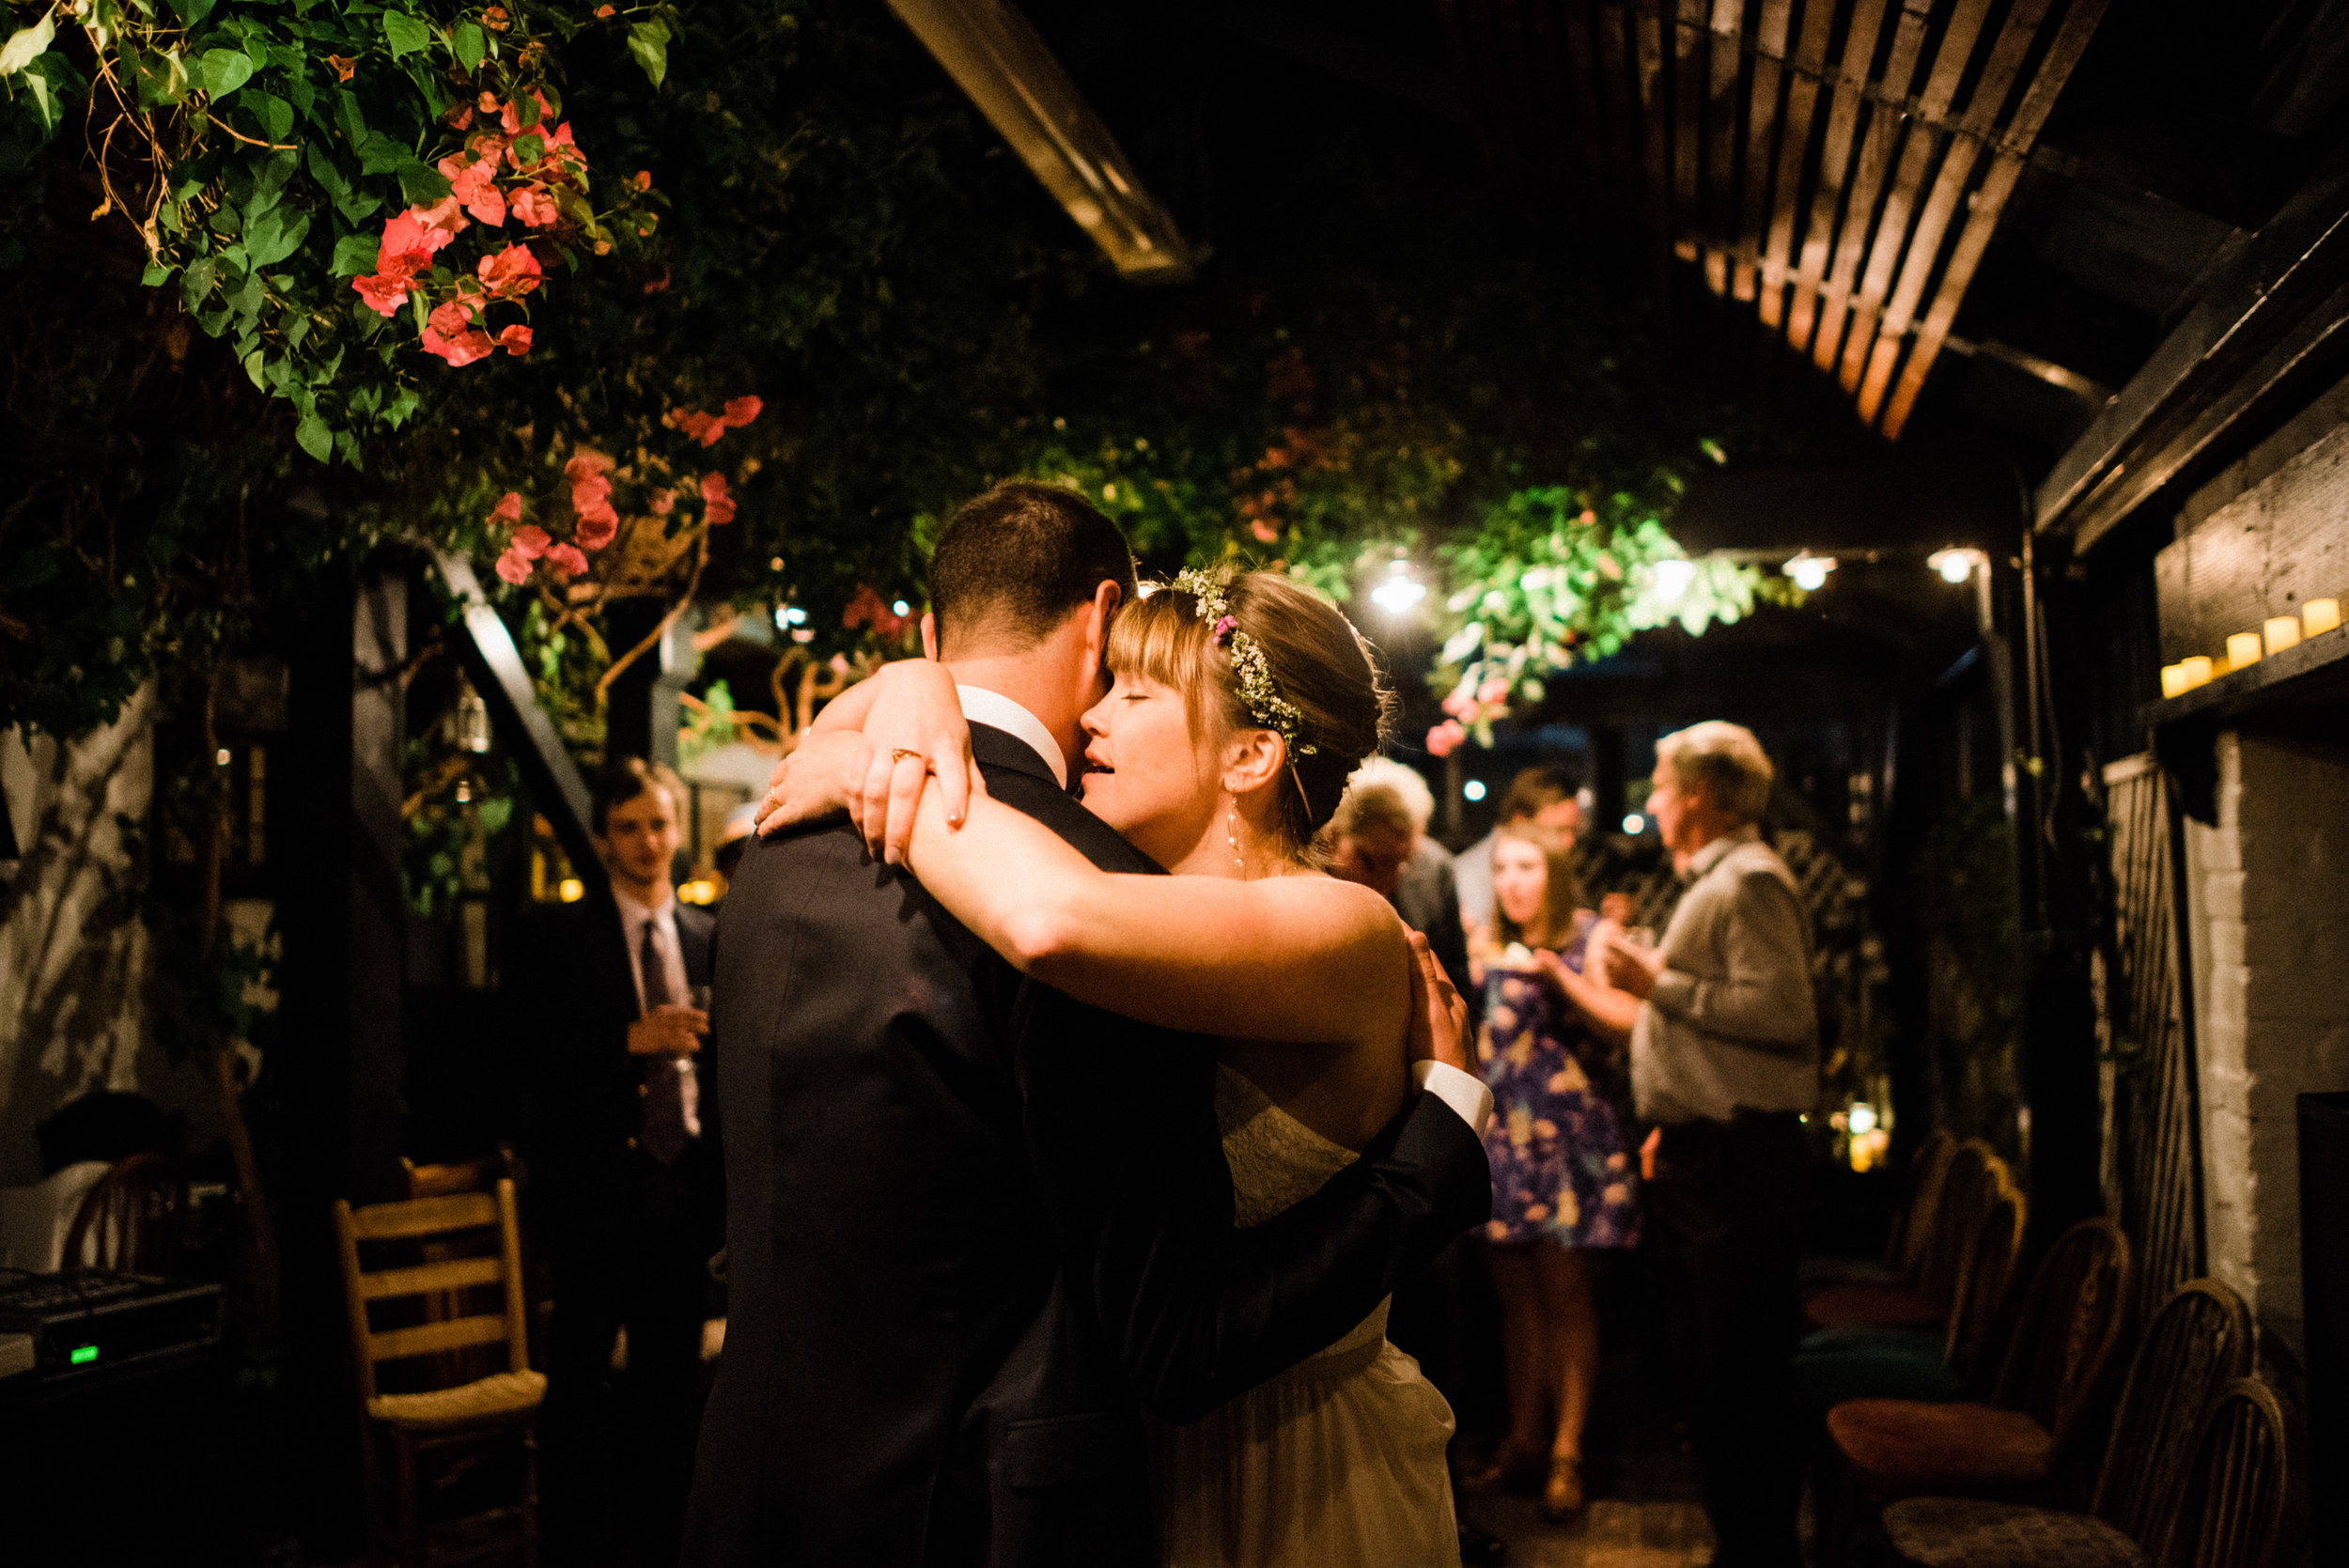 Wedding couple first dance at Pelican Inn Muir Beach